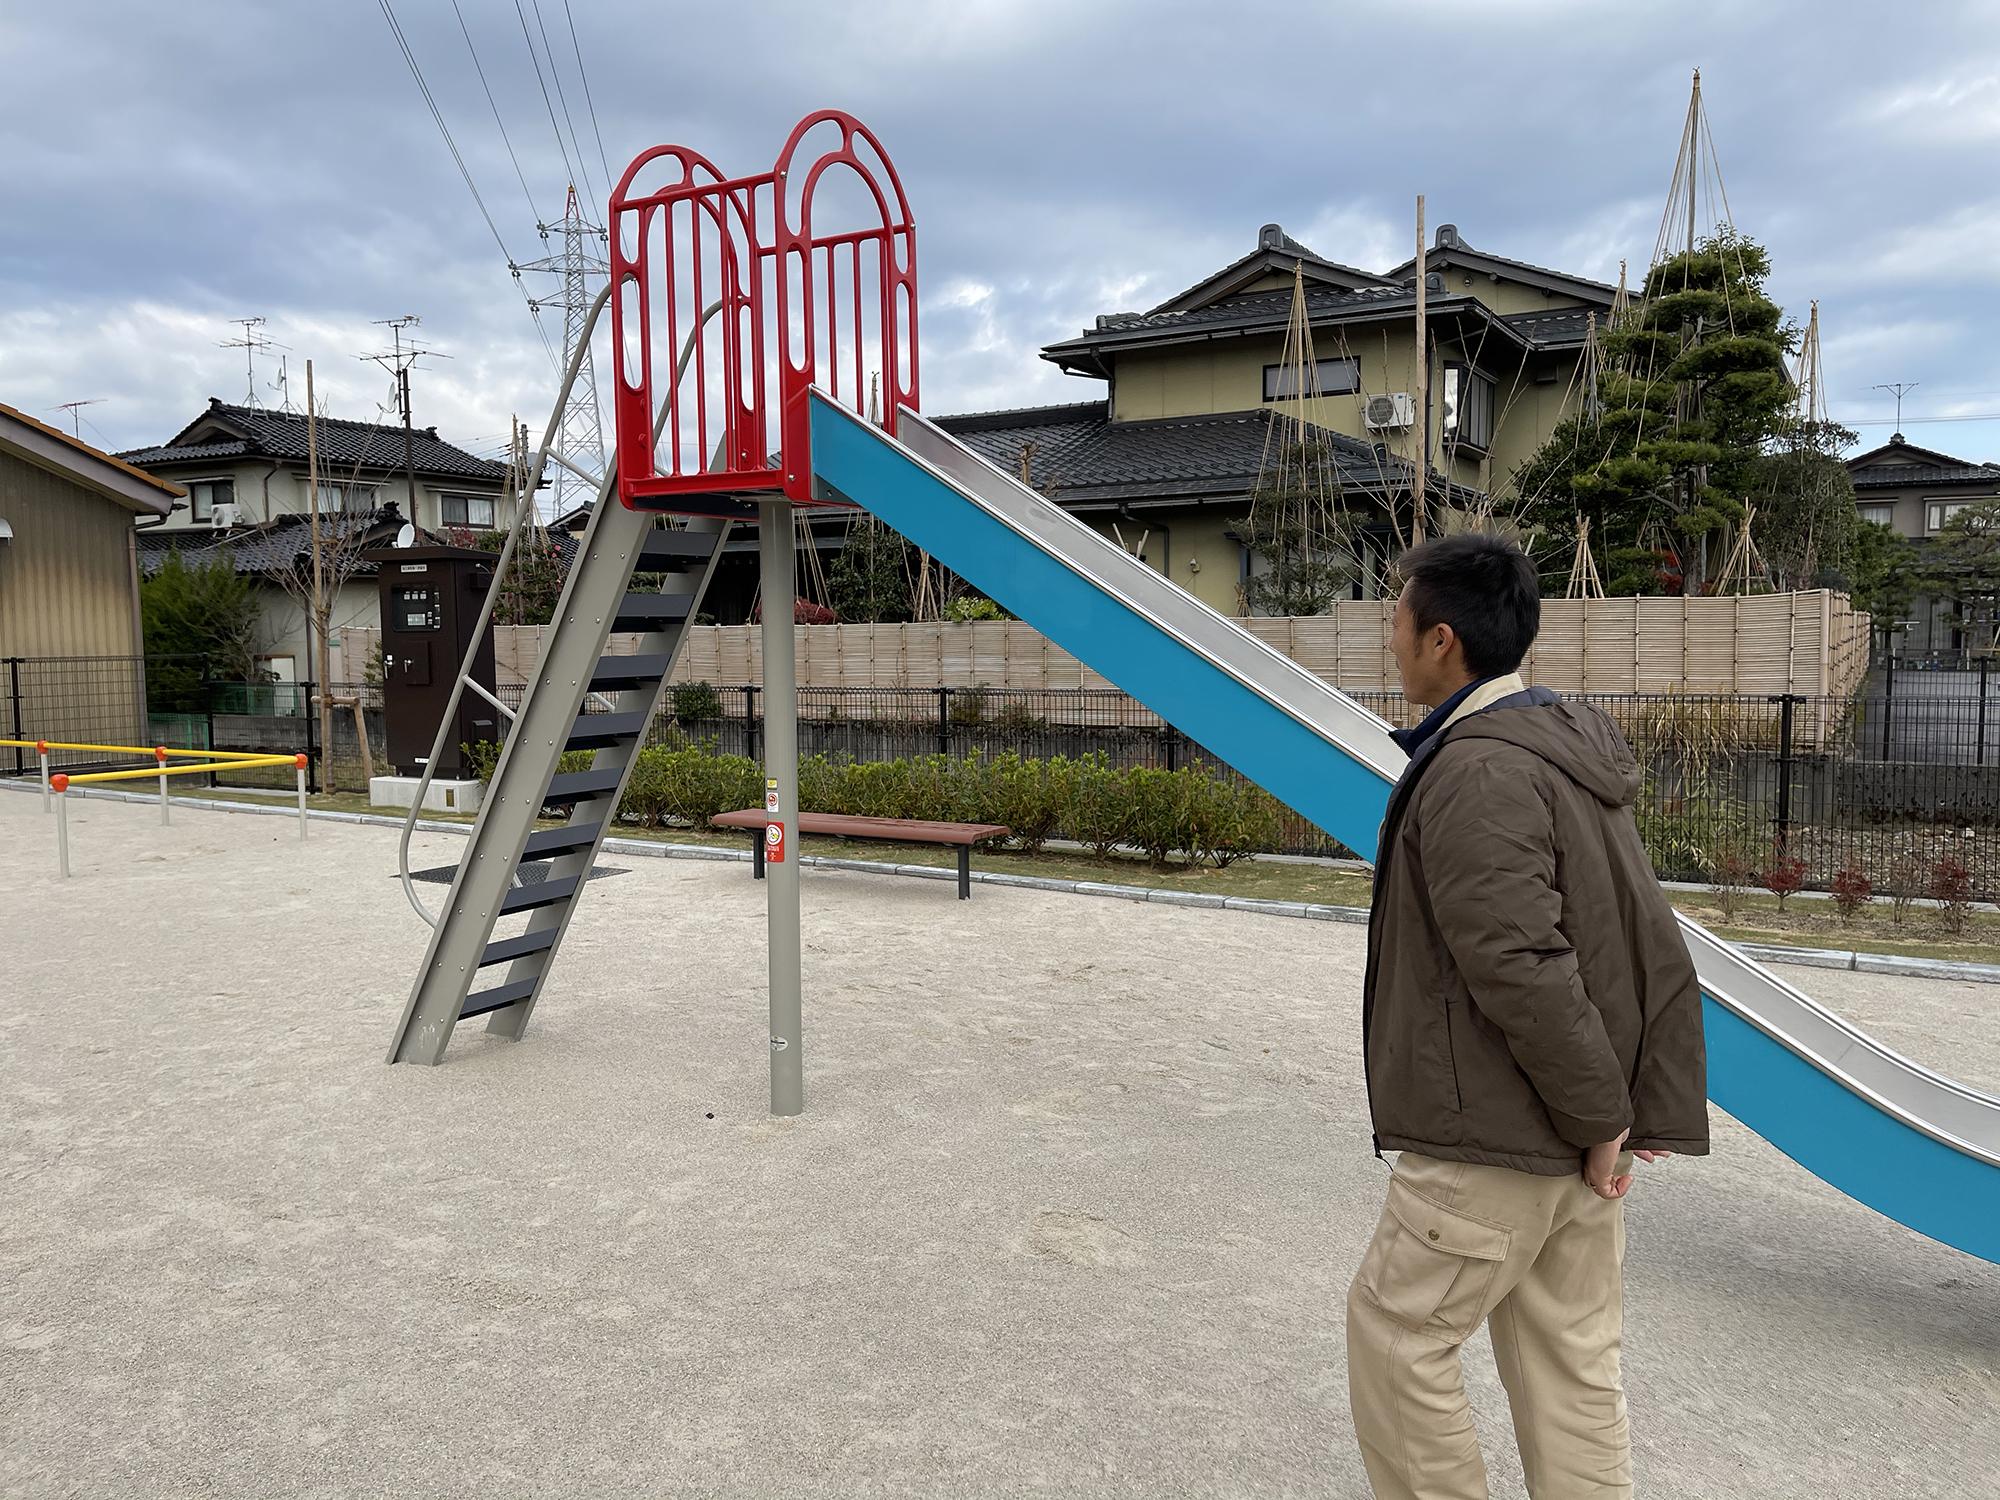 完成した公園で早速自分の子供と遊んだそう